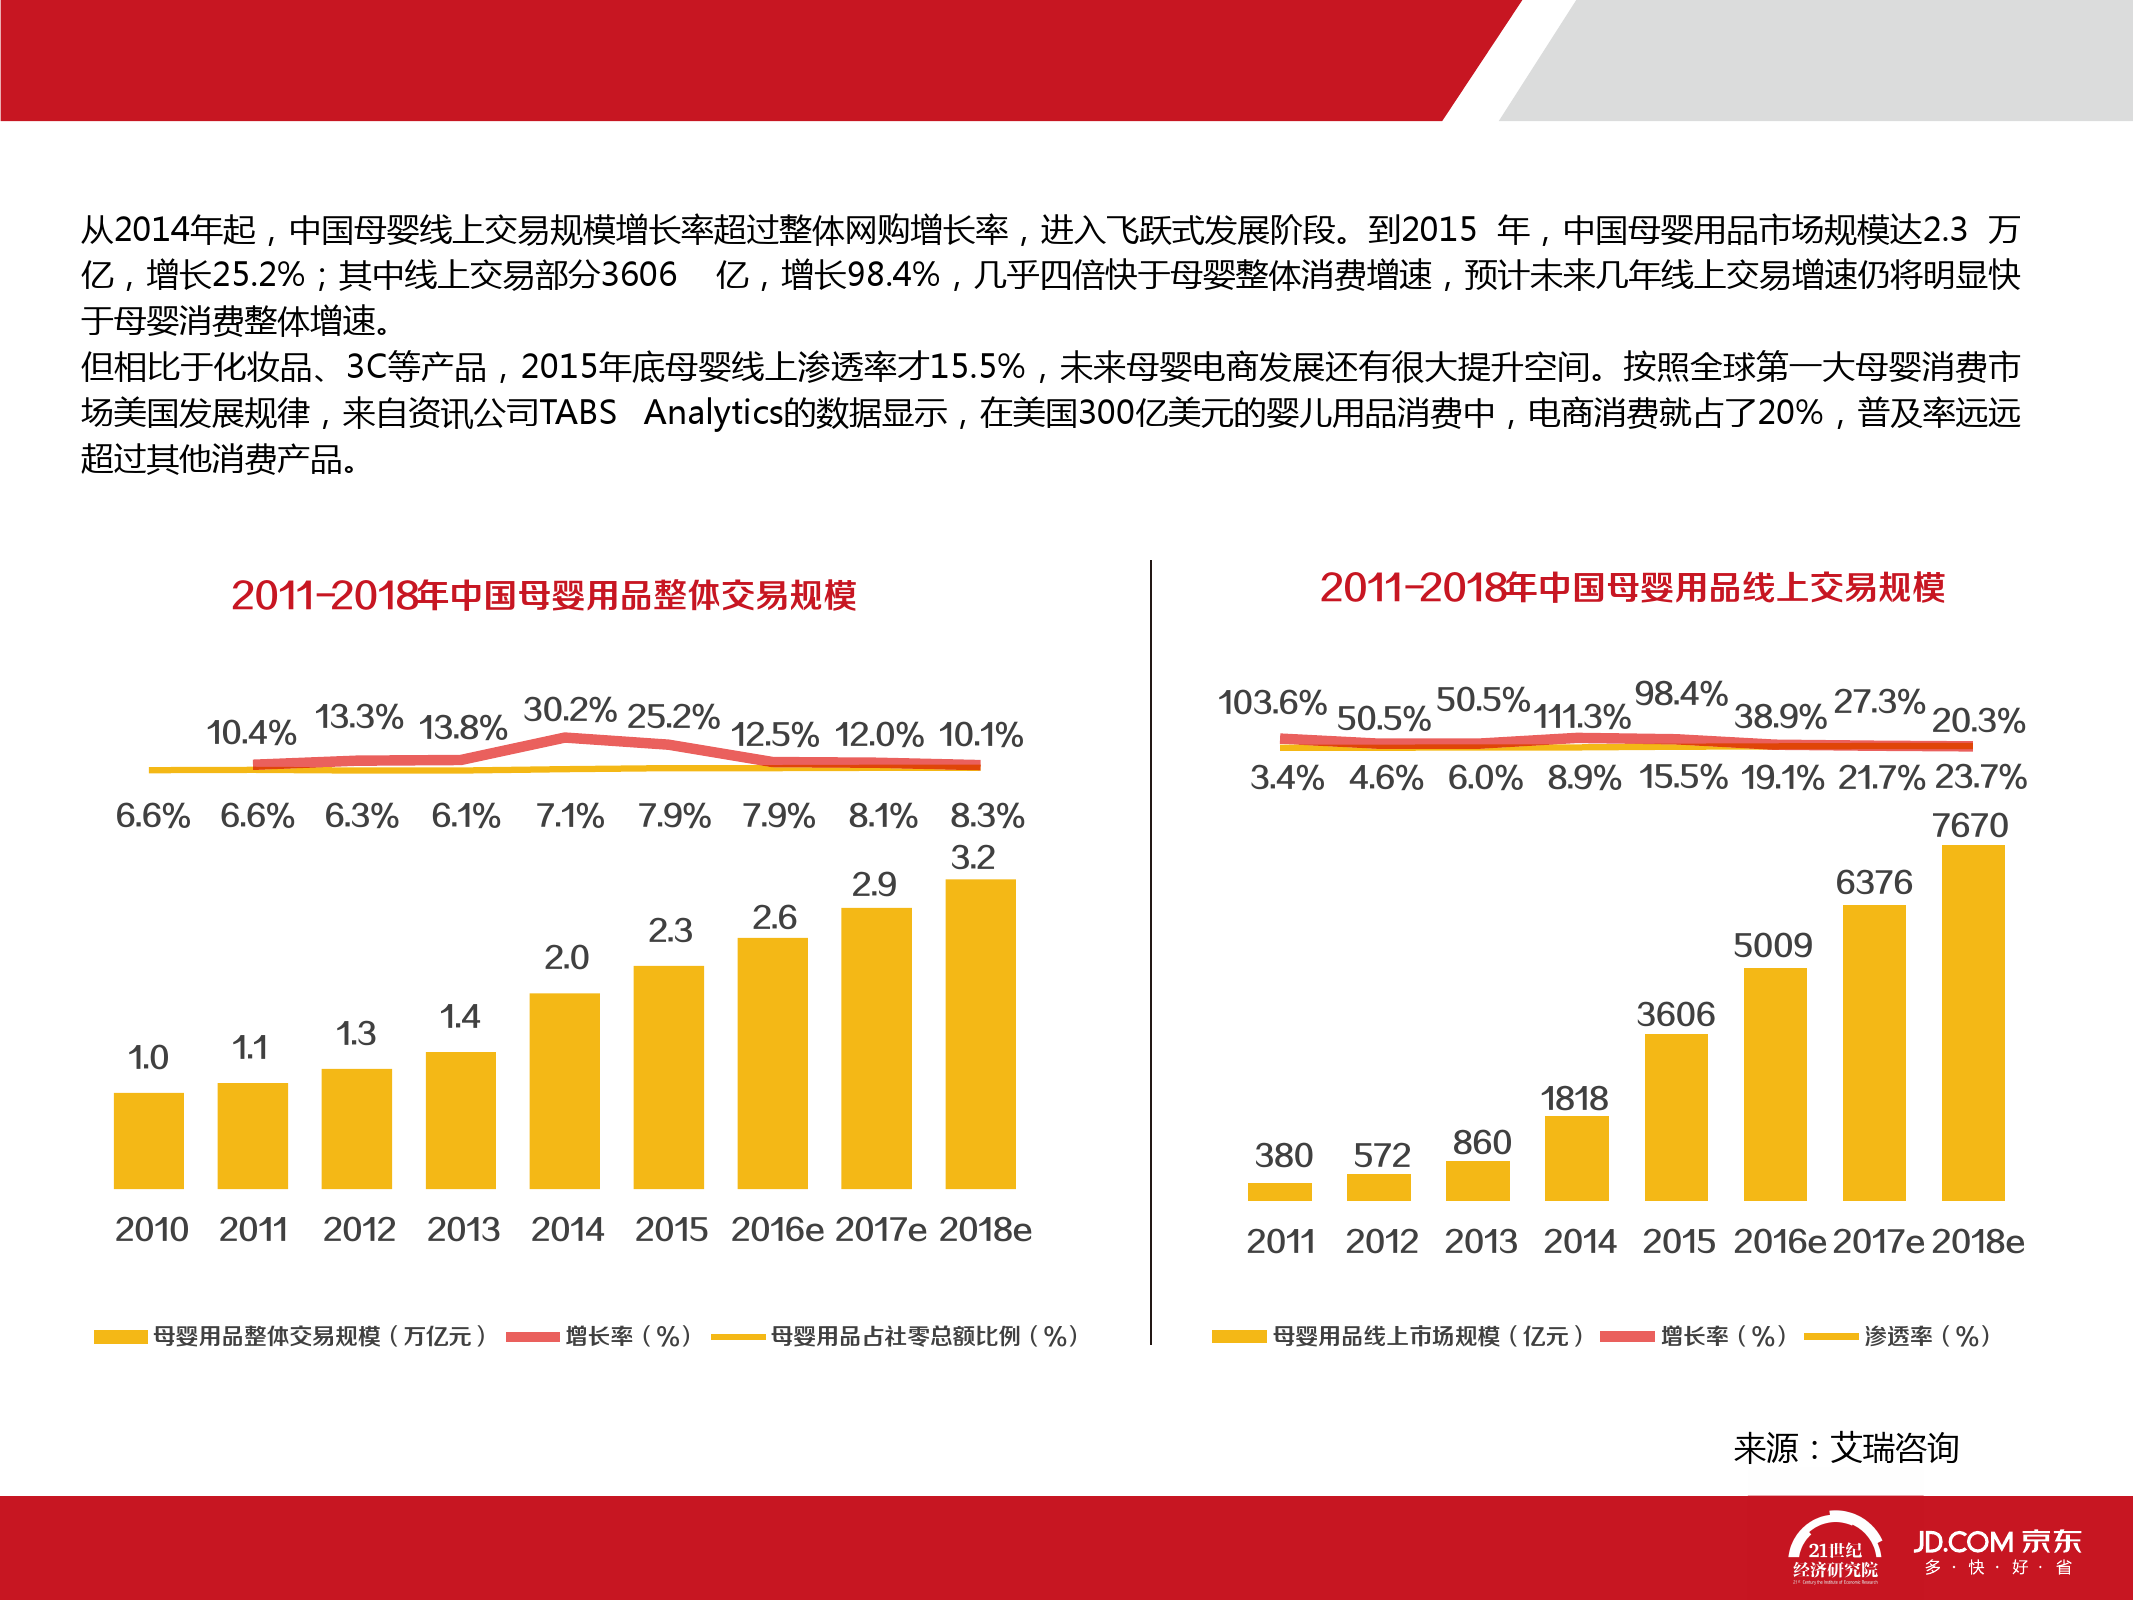 2016中国母婴产品消费趋势报告_000006